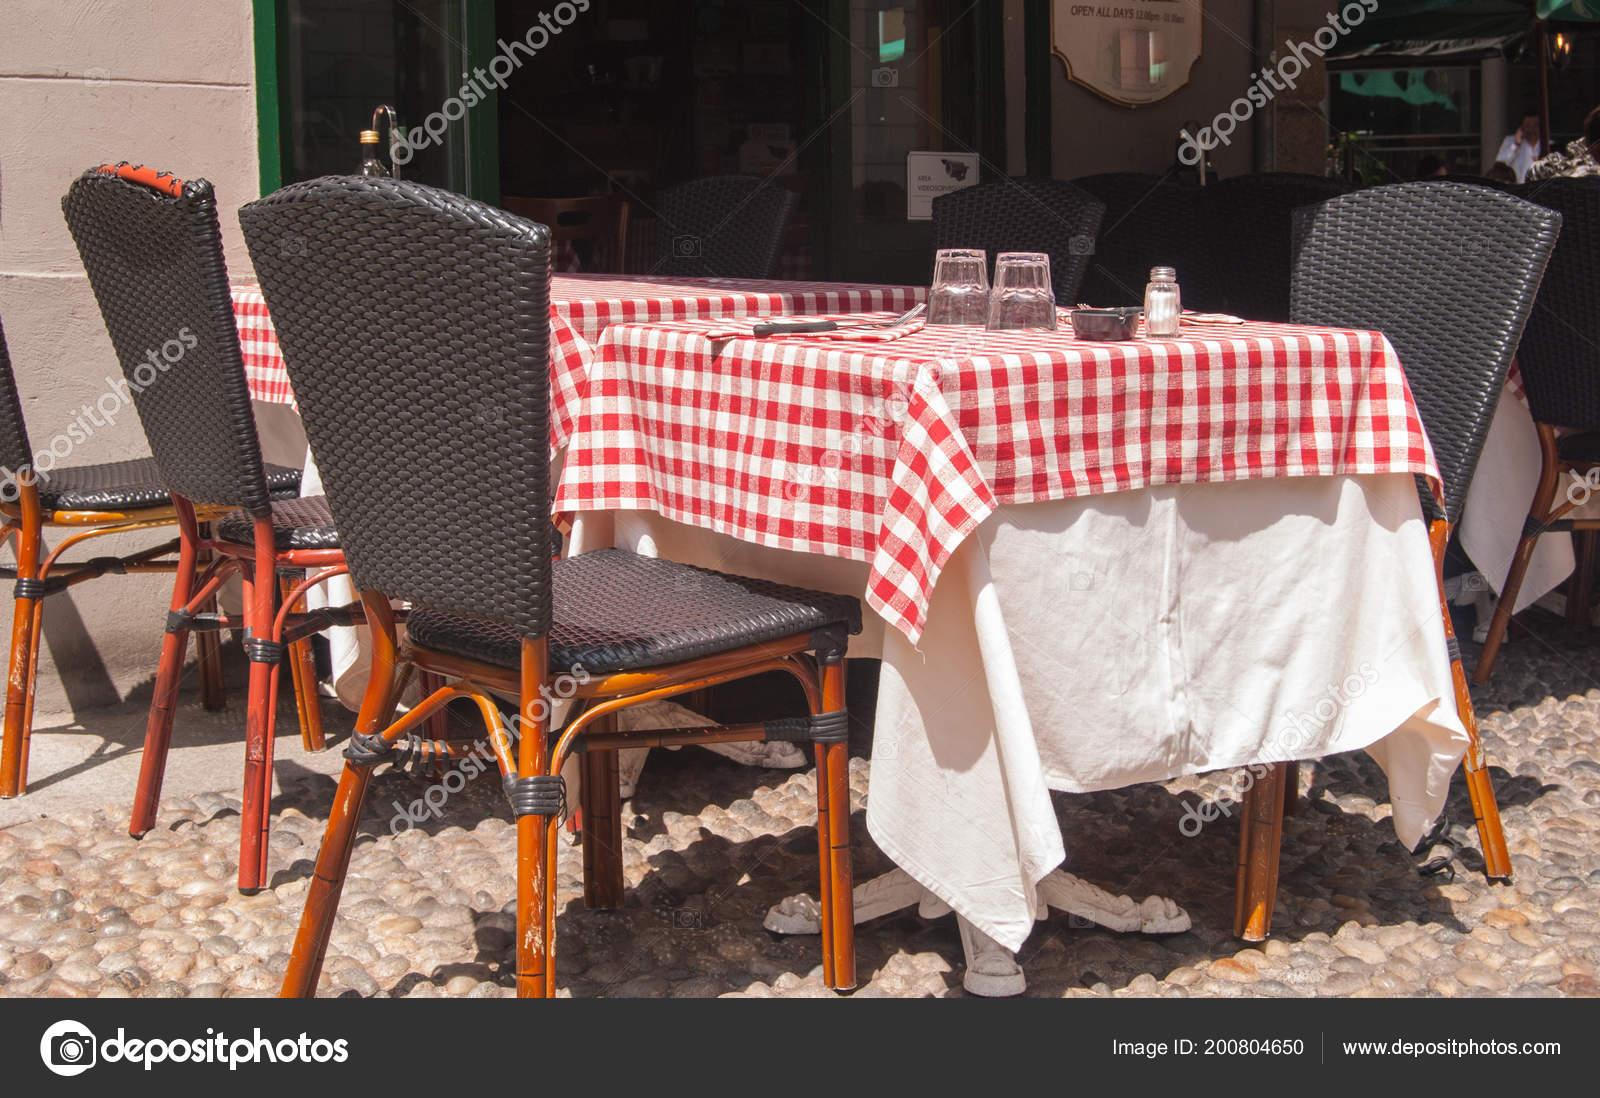 Tovaglia Per Tavolo Esterno.Tavola Apparecchiata Con Tovaglia Quadretti Bianco Rosso All Esterno